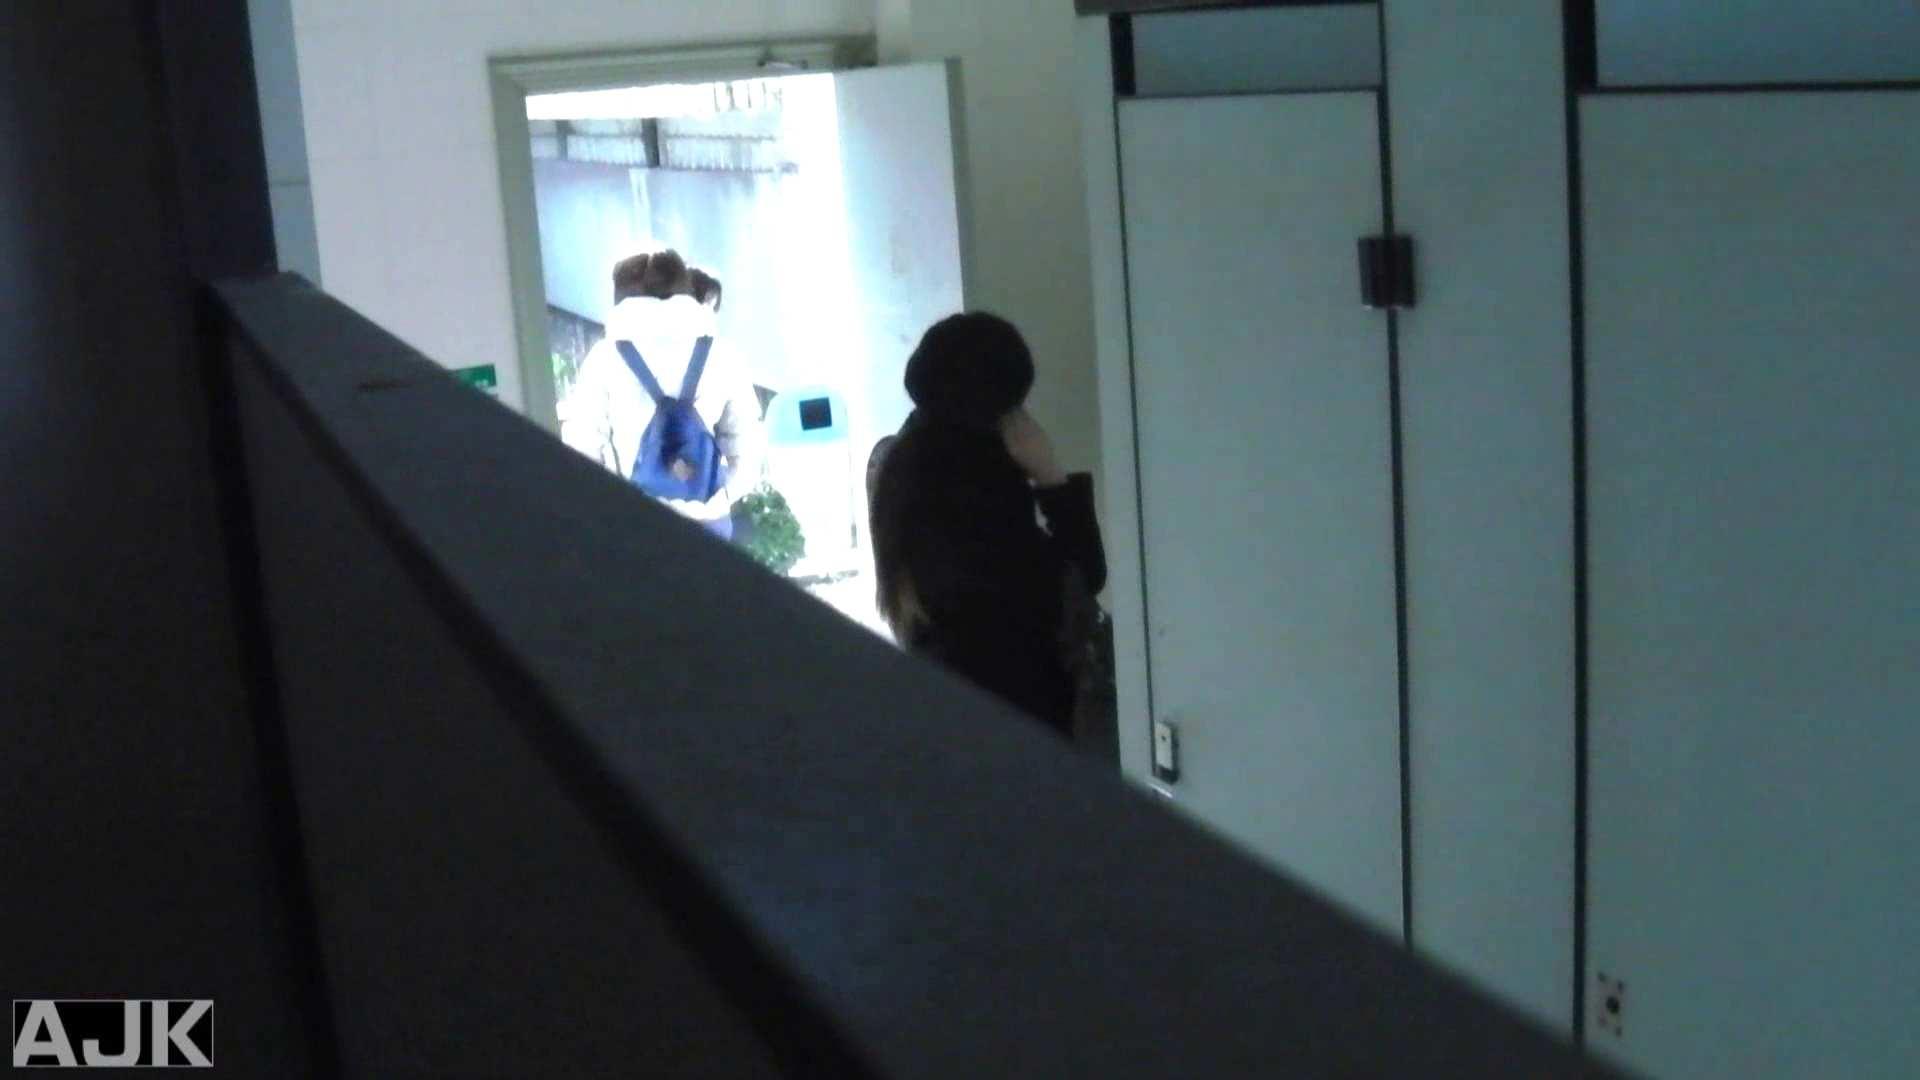 アダルトエロ動画|隣国上階級エリアの令嬢たちが集うデパートお手洗い Vol.03|怪盗ジョーカー